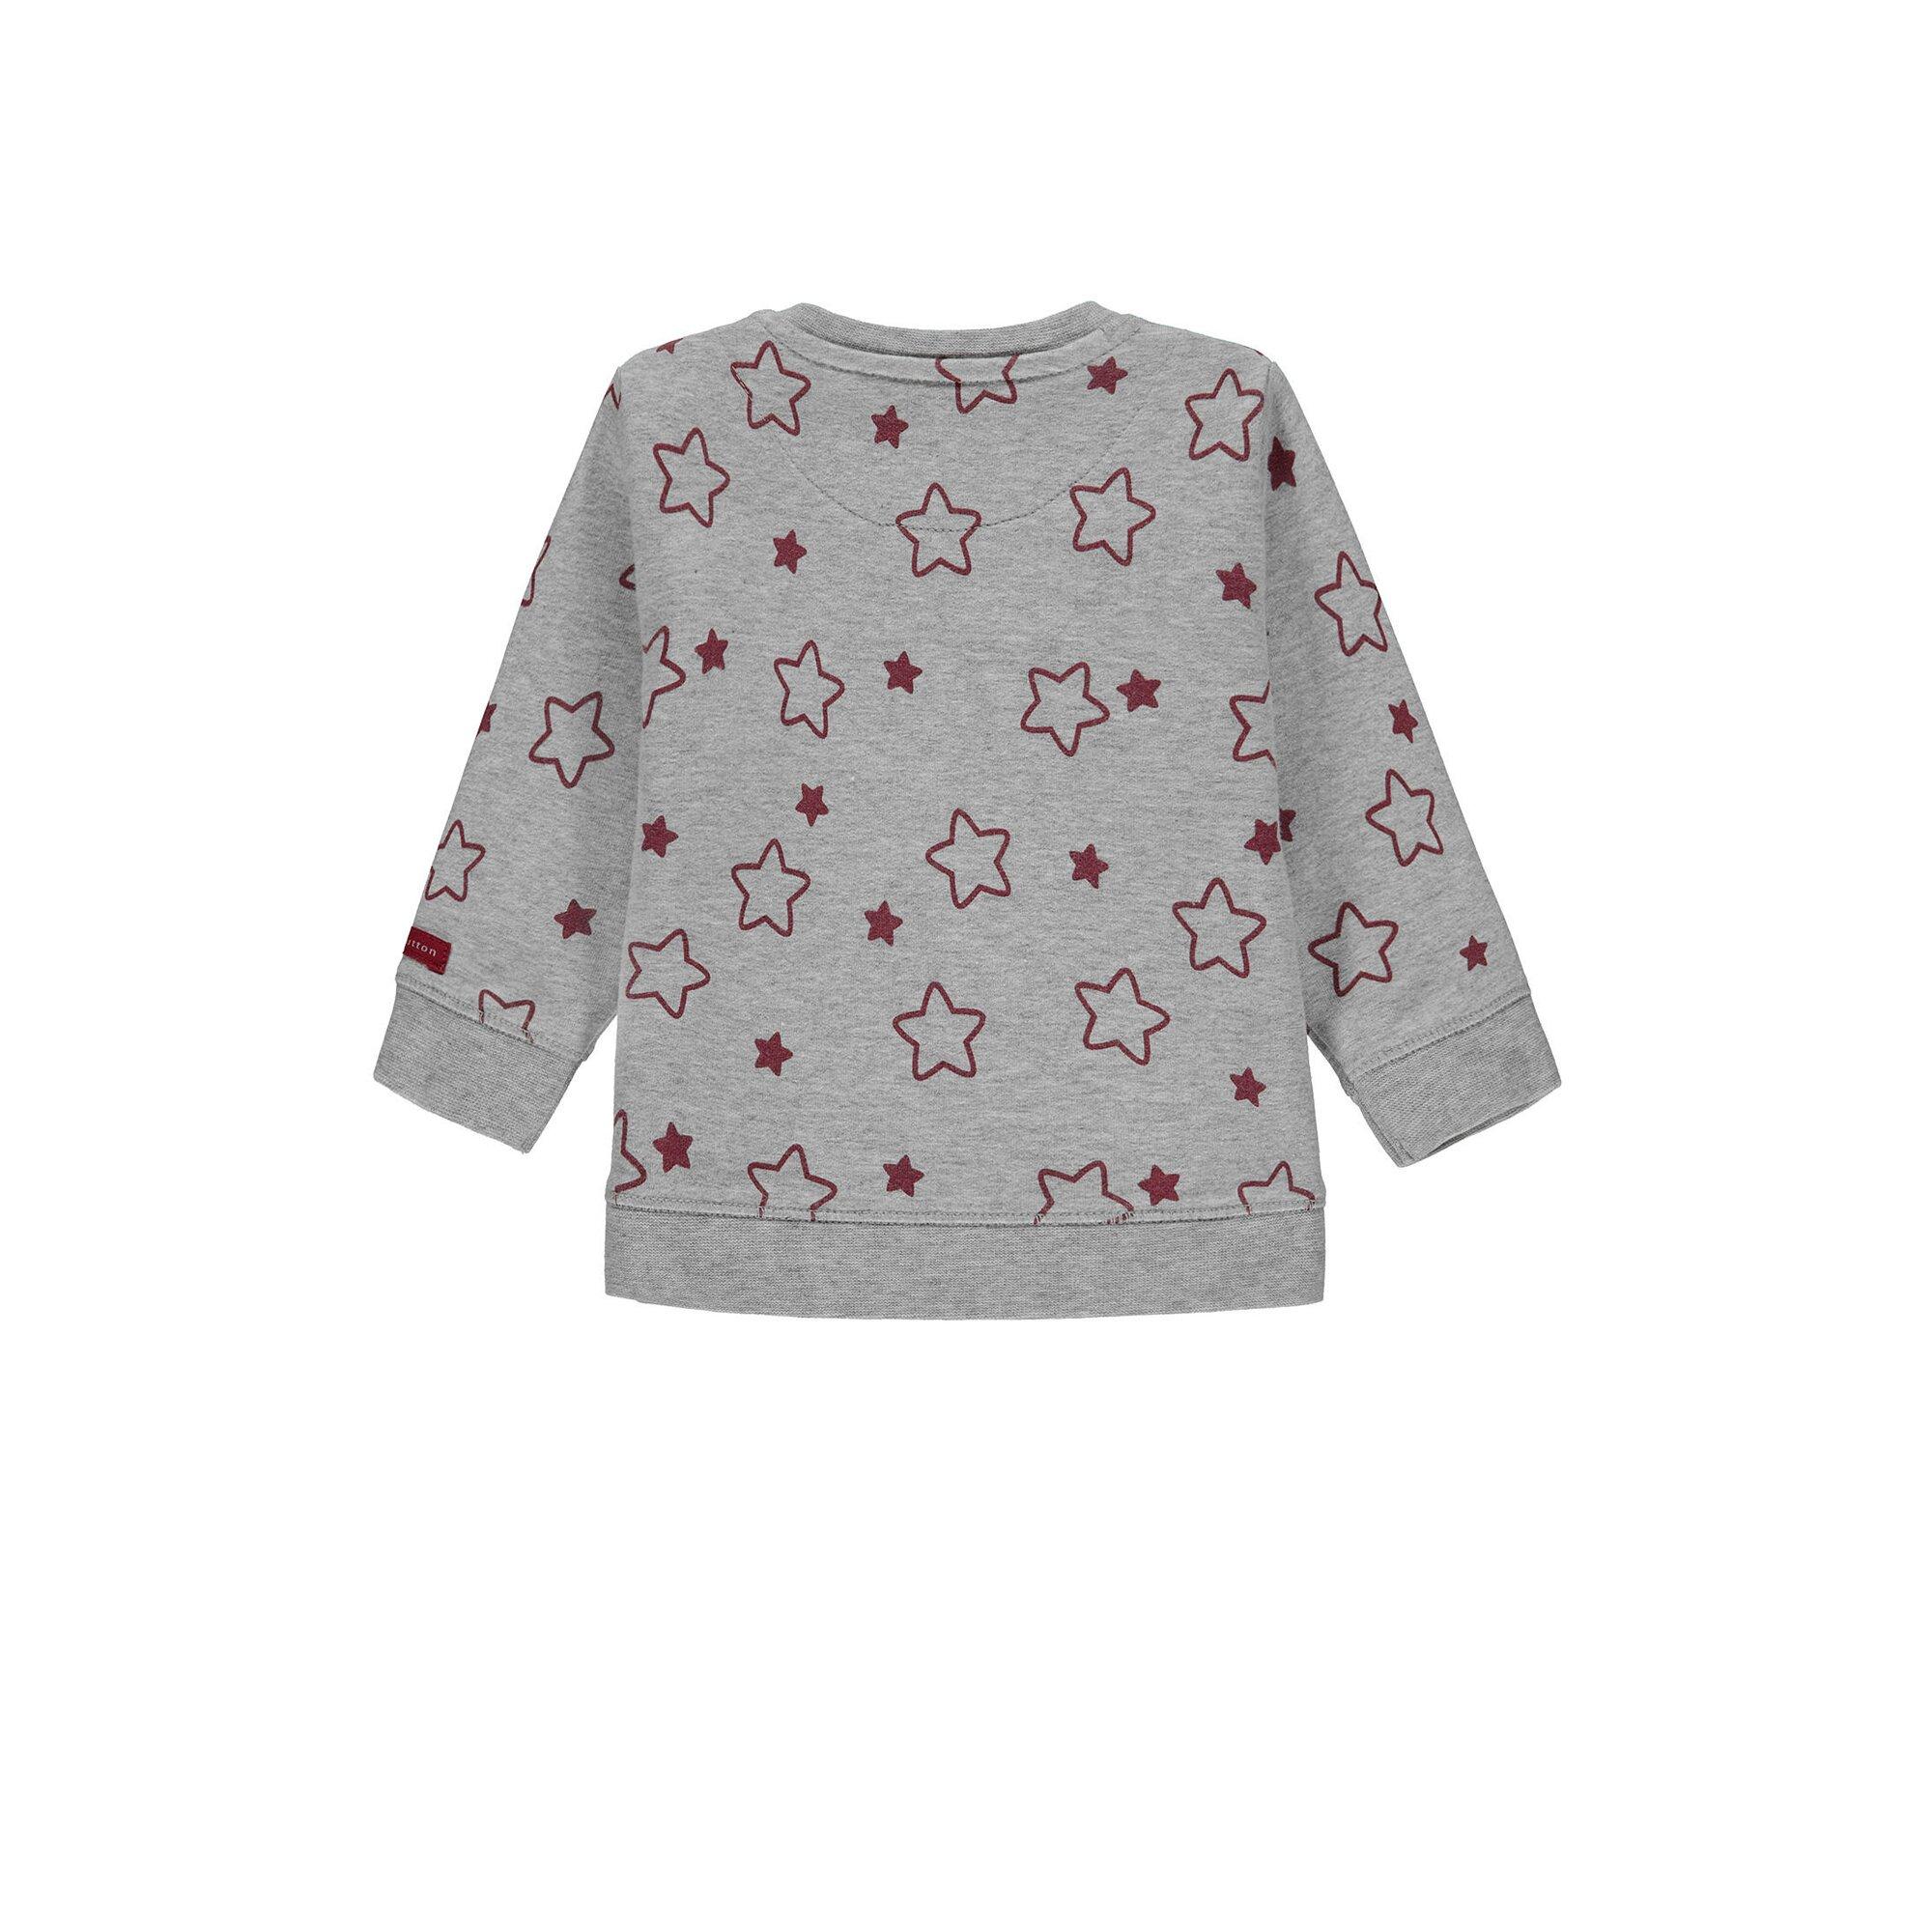 bellybutton-sweatshirt-unisex-allover-print